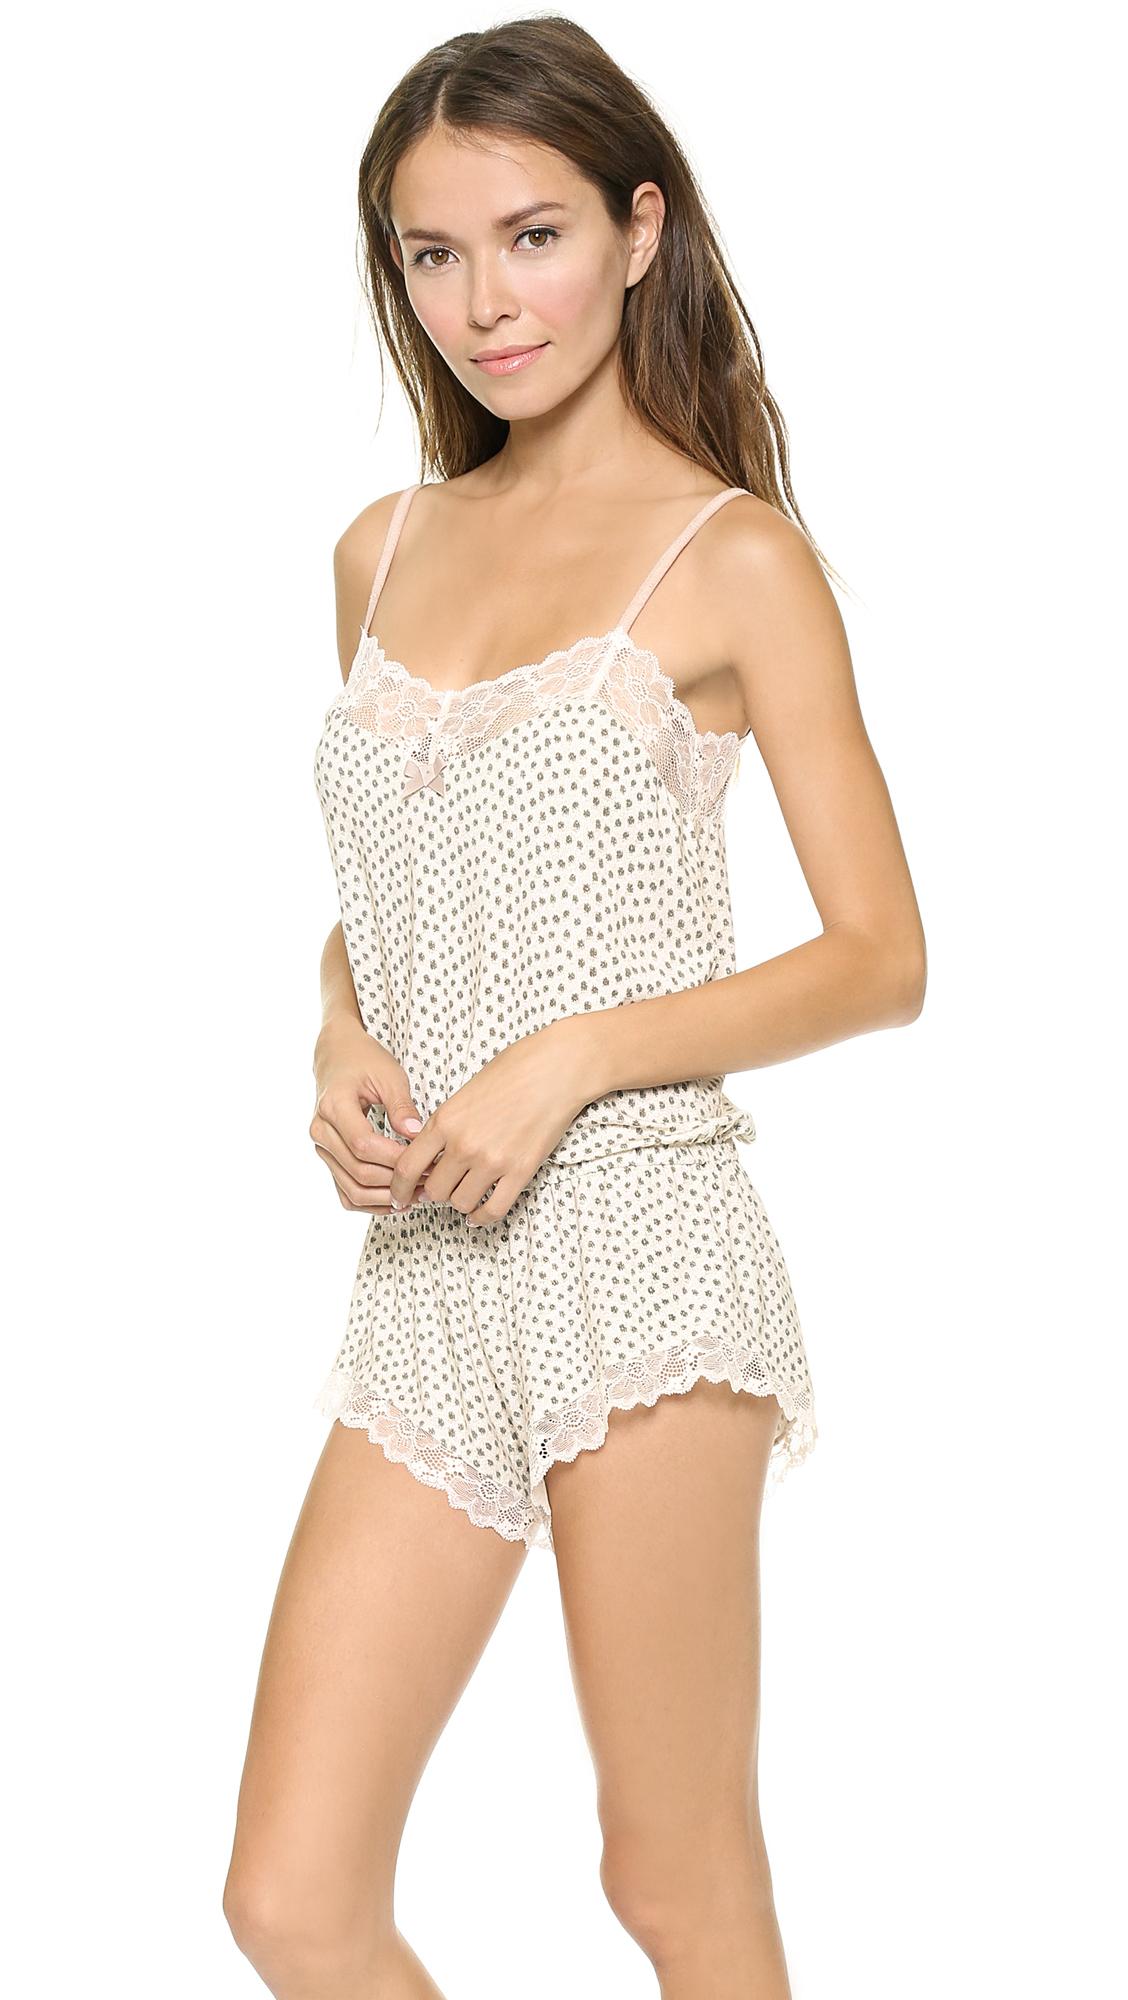 Shelf Bra Teddy - Breeze Clothing